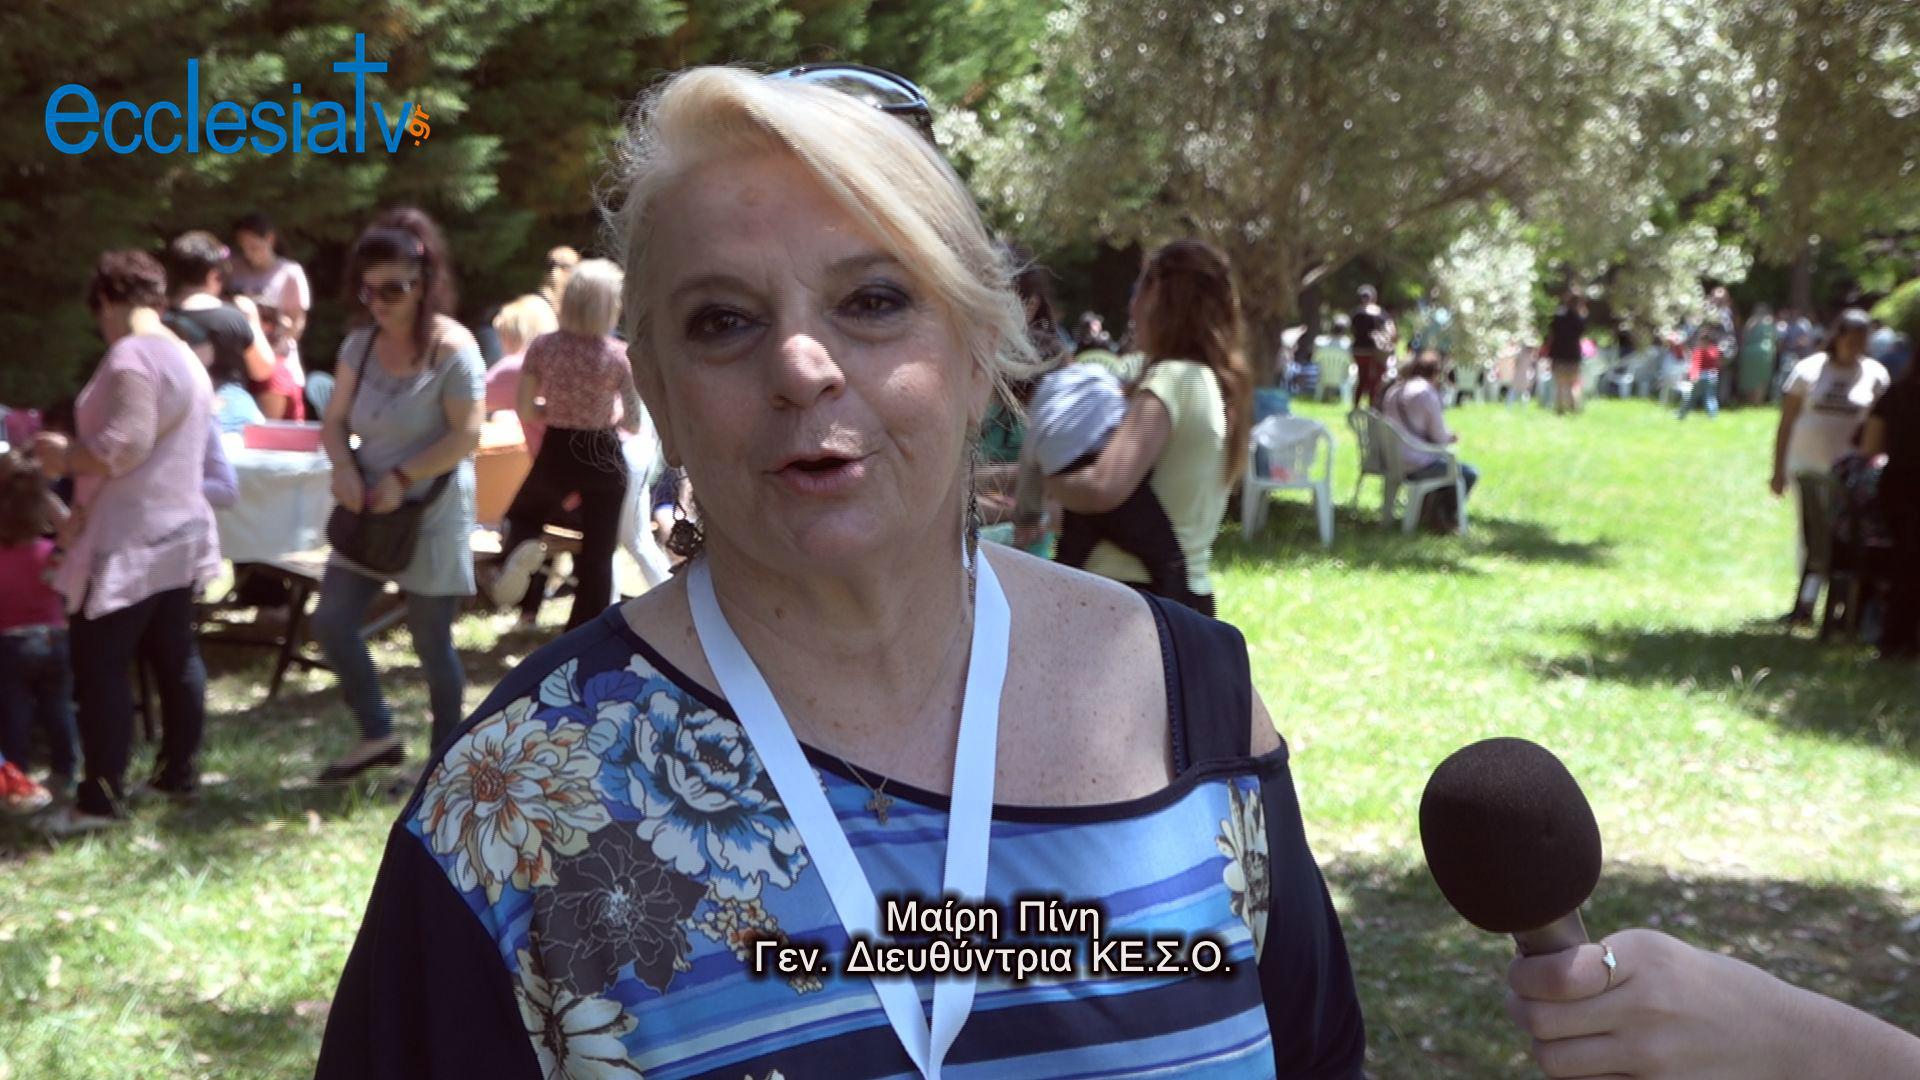 ΚΕ.Σ.Ο της  Ιεράς Αρχιεπισκοπής Αθηνών Γιορτή της Μητέρας  12-5-2019